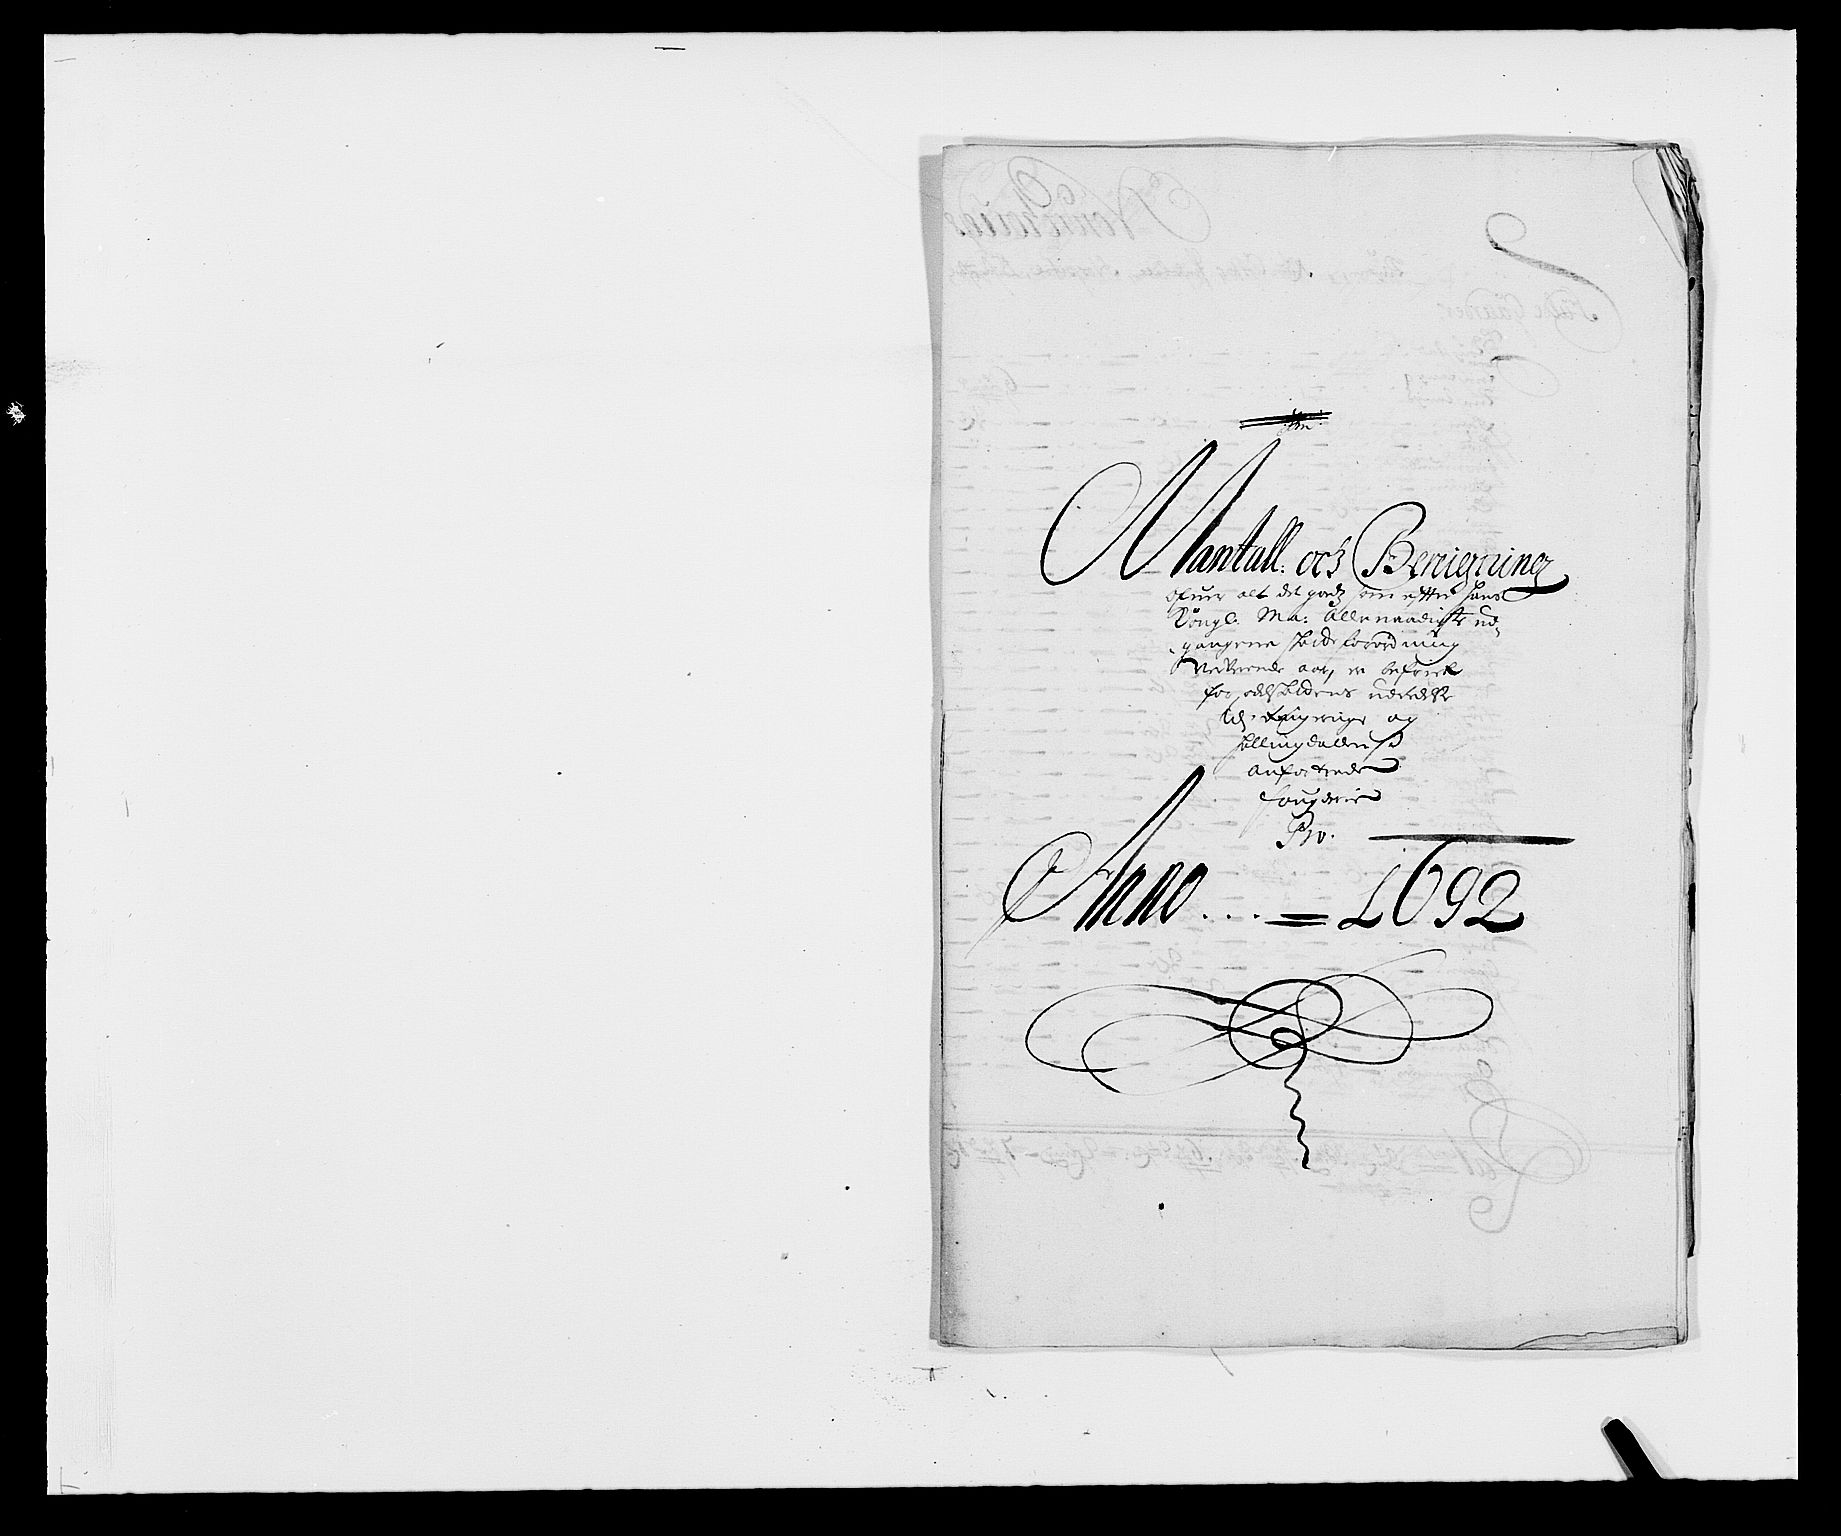 RA, Rentekammeret inntil 1814, Reviderte regnskaper, Fogderegnskap, R21/L1449: Fogderegnskap Ringerike og Hallingdal, 1690-1692, s. 187